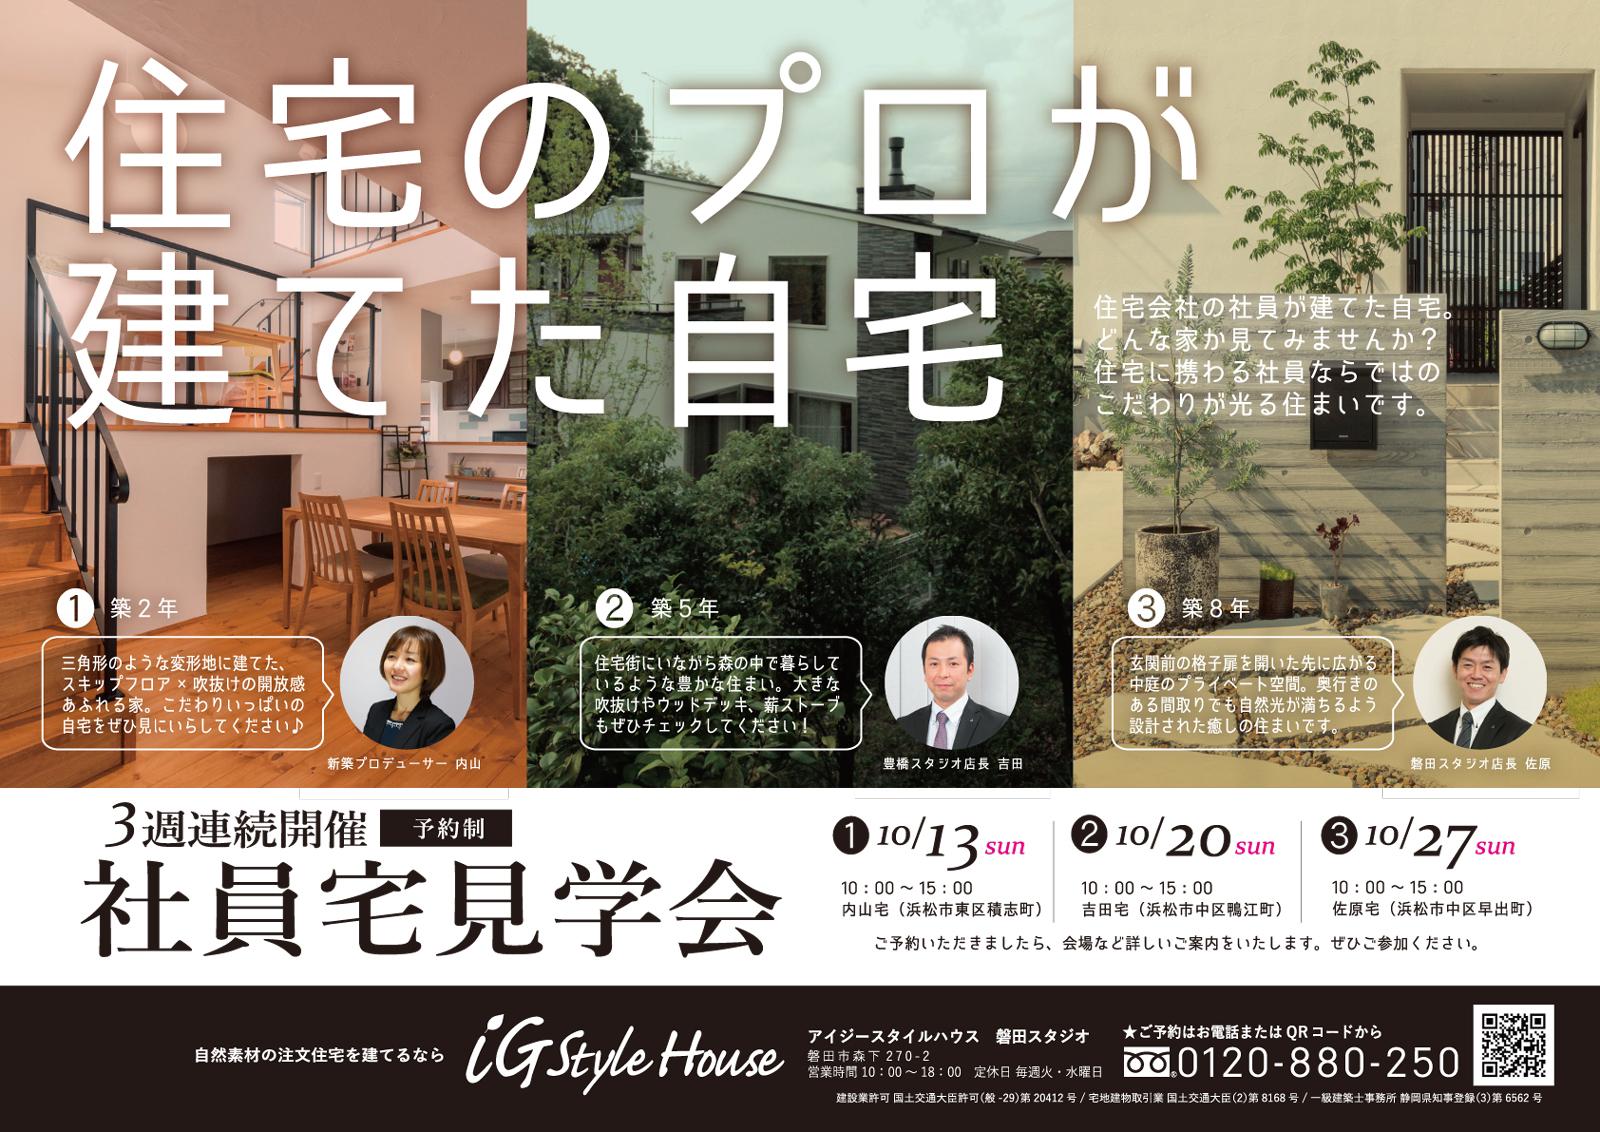 10月13・20・27日 社員宅個別見学会(磐田)